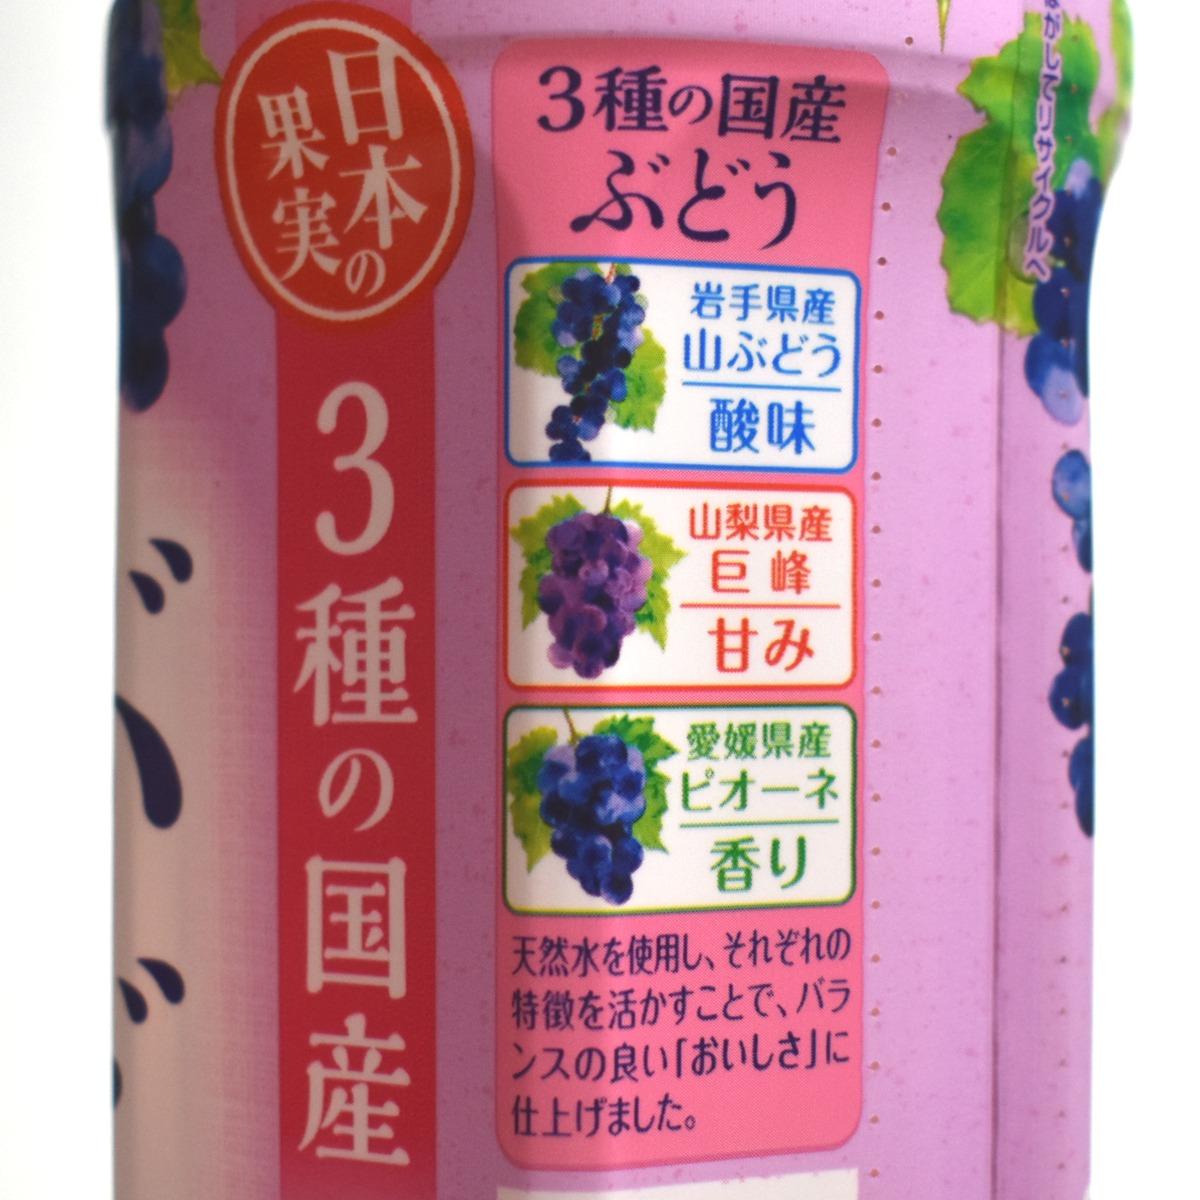 伊藤園日本の果実 3種の国産ぶどう